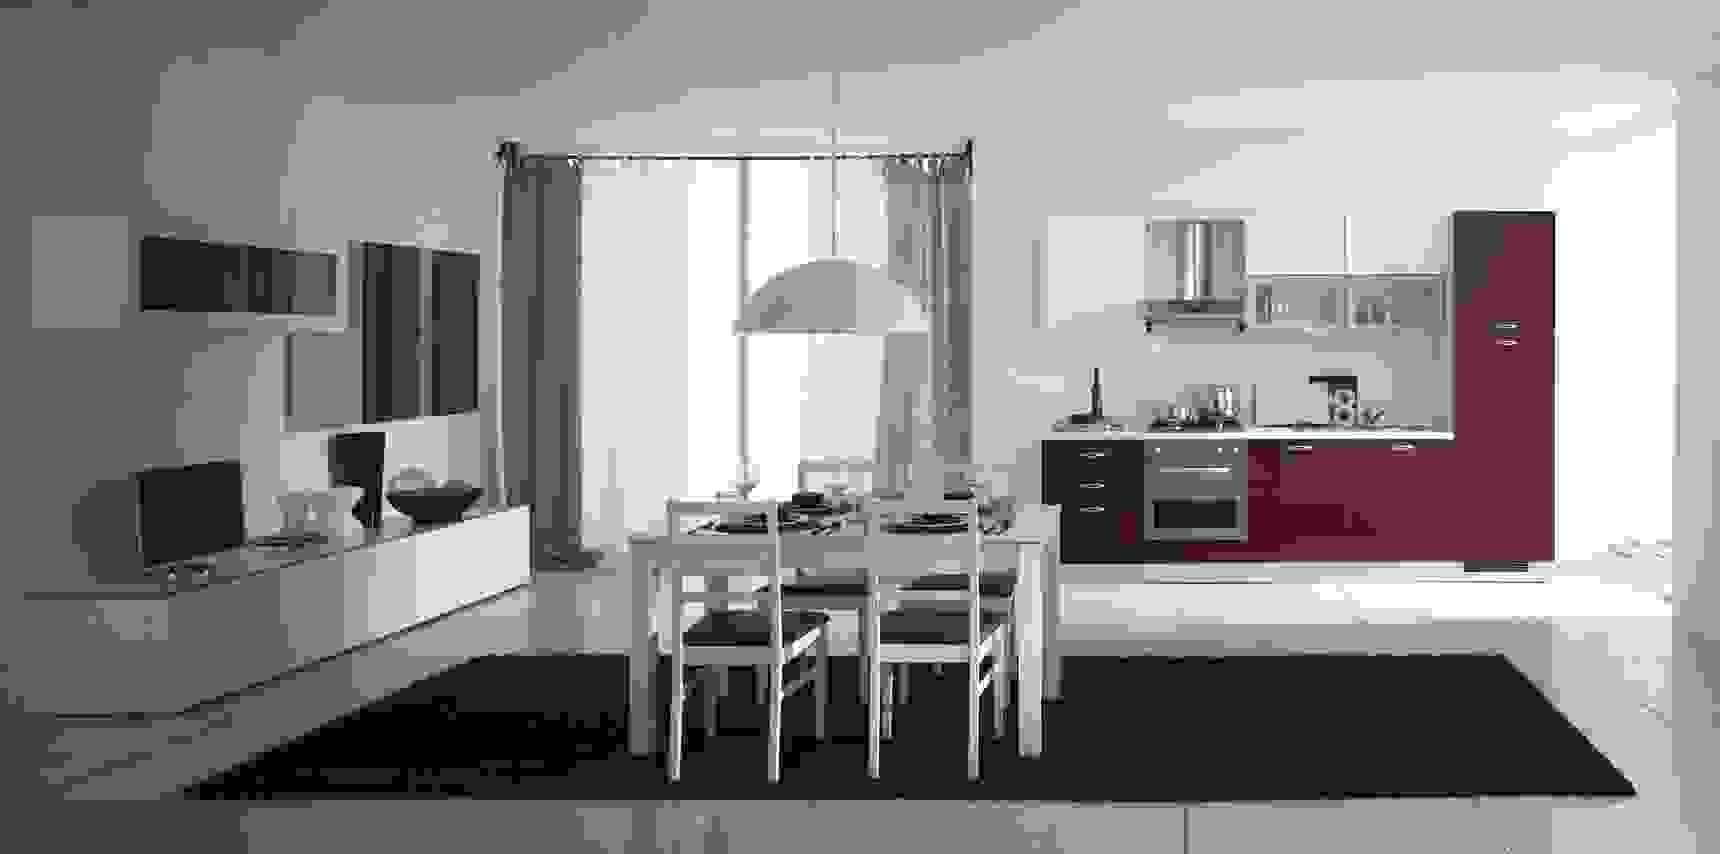 Con un semplice gesto passi da un effetto open space a spazi divisi. Cucina E Soggiorno Insieme Idee Ed Esempi Di Arredamento